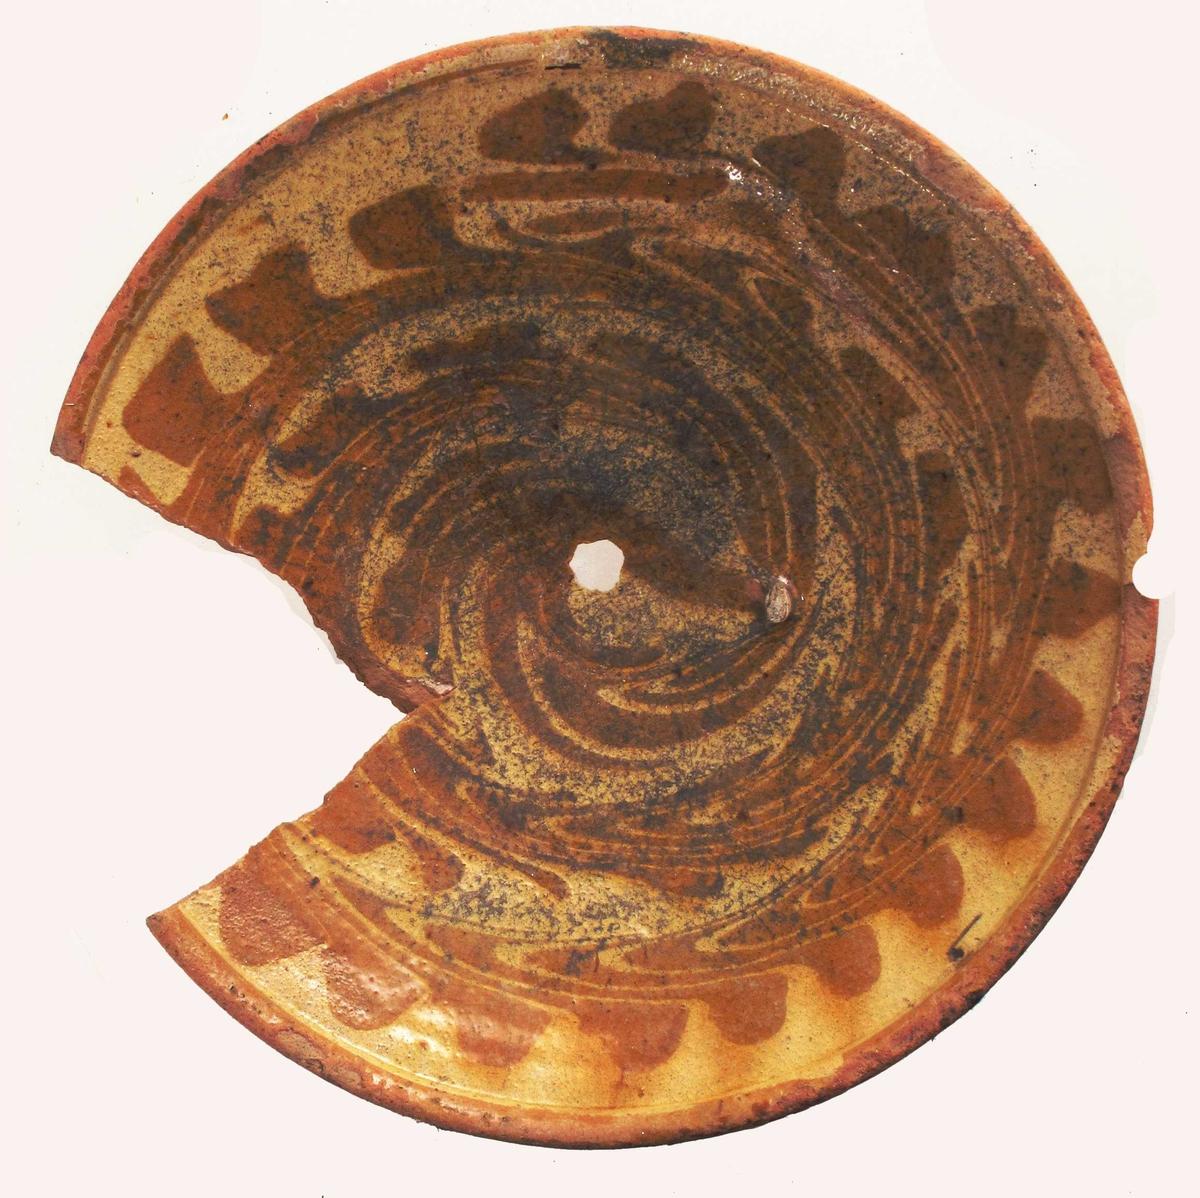 Leirtøy, rødbrunt, litt lyst gods, gul og okerbrun  glasur.  Lav stett med markert bunnring, glasert også under bunnen, skrå sider med en rundet brem. Innvendig gull bunnfarge med en tett okerbrun ranke i spiral fra midten og helt ut i kanten.   Tilstand: et V-formet skår i kanten og et lite hull midt i bunnen.